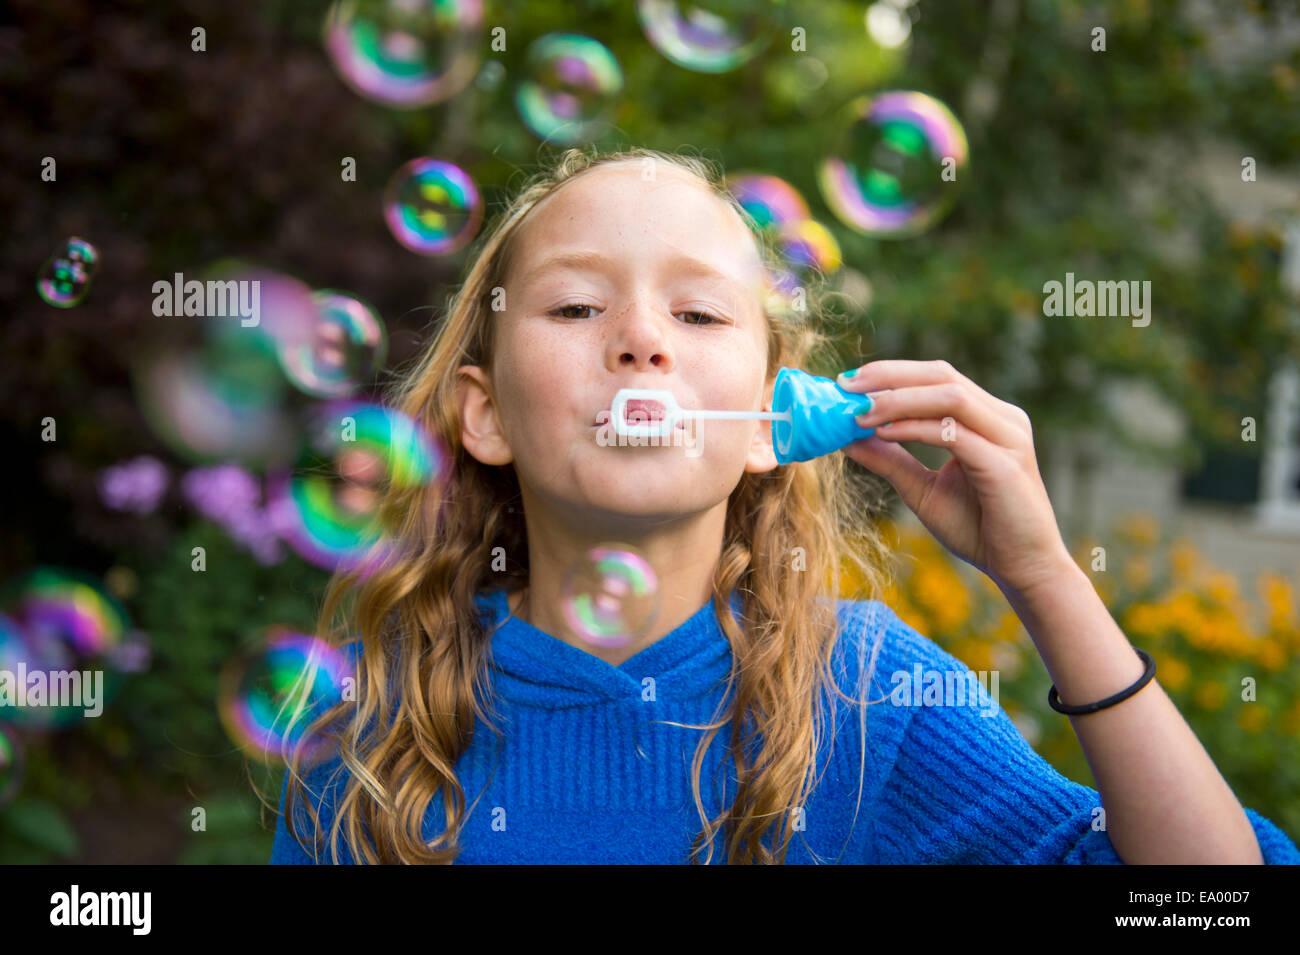 Niña soplando burbujas en el jardín Imagen De Stock